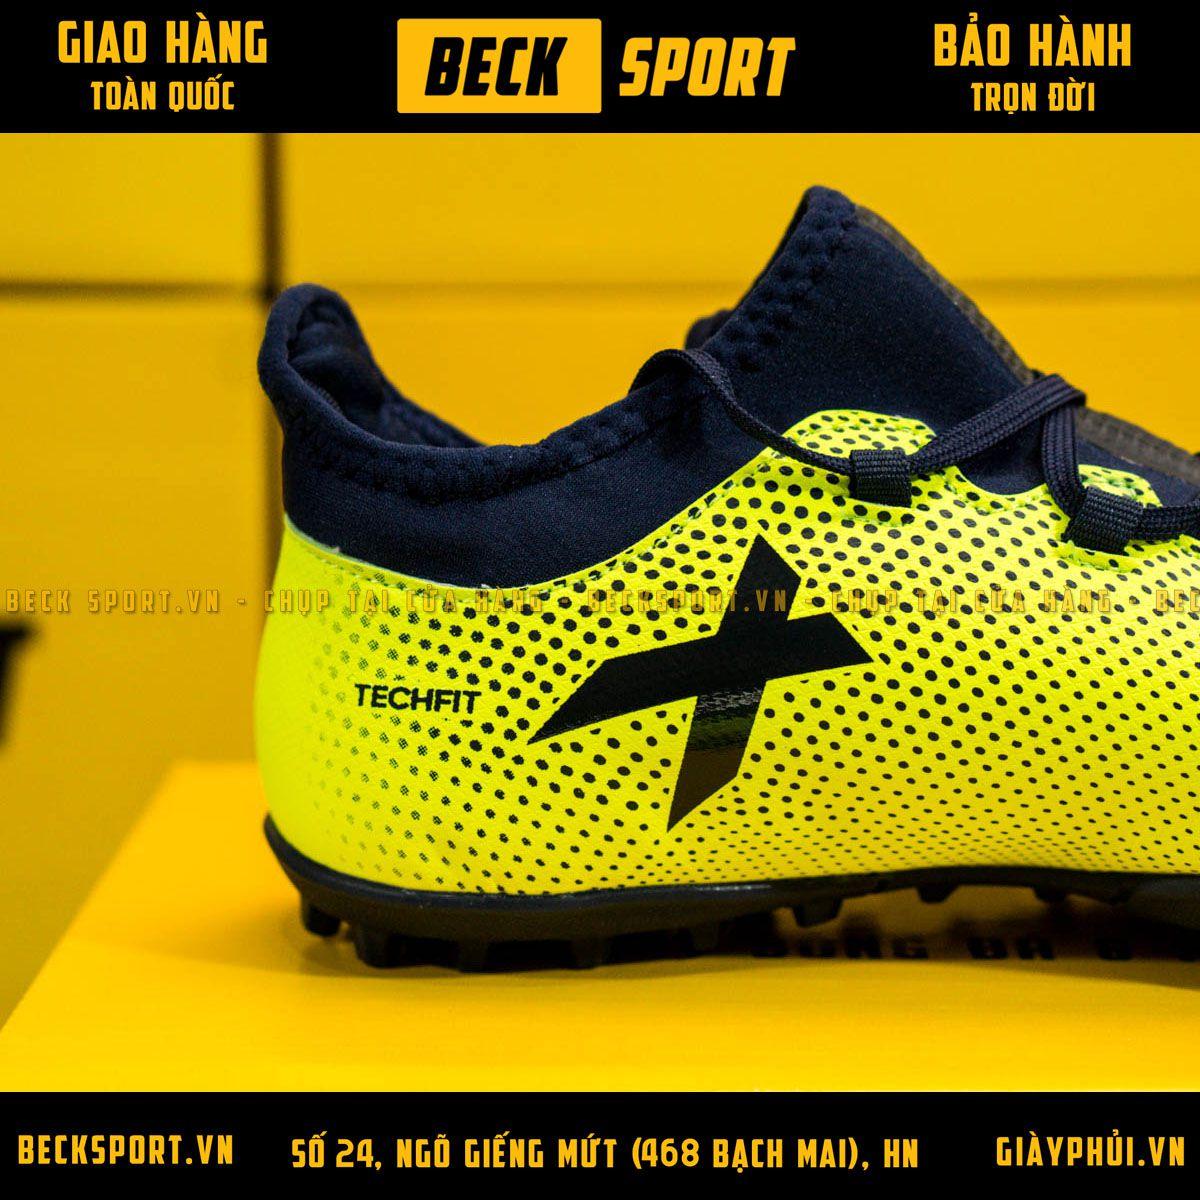 Giày Bóng Đá Adidas X 17.3 Chuối Chấm Bi Đen TF